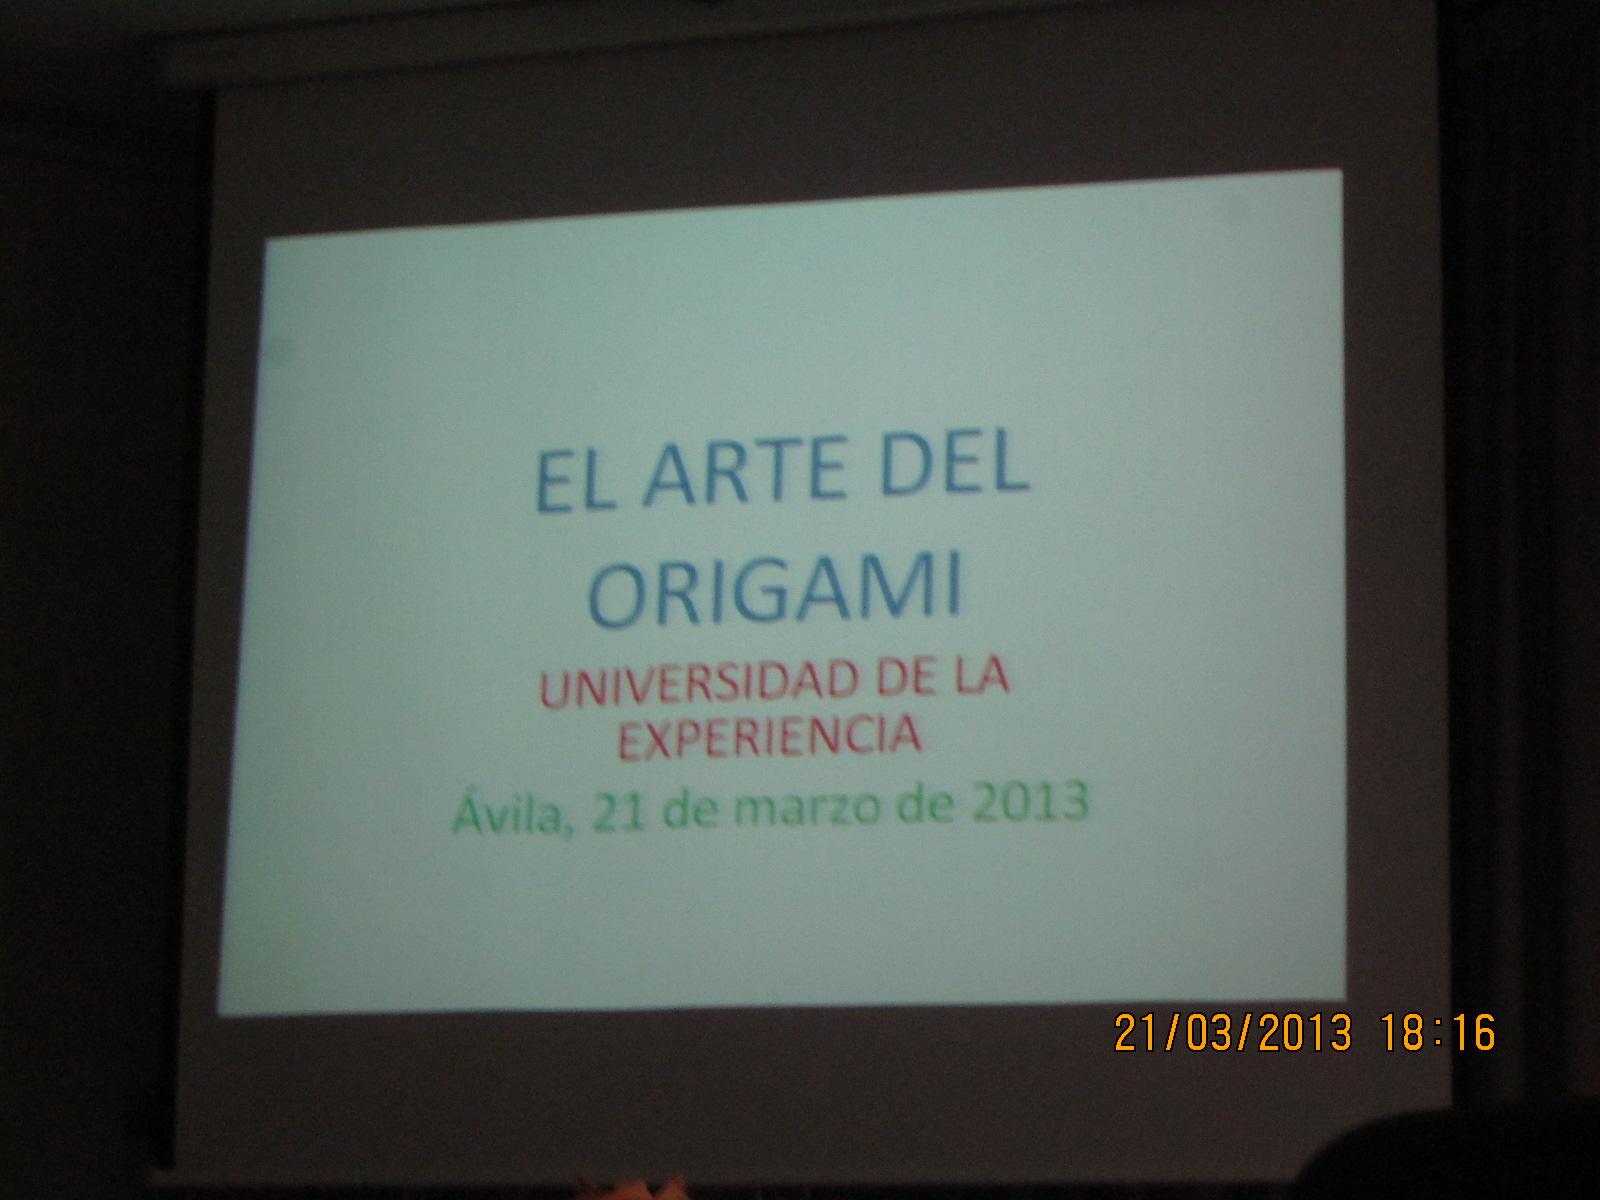 Enlasciudades vila conferencia el arte del origami en for Universidad de arte